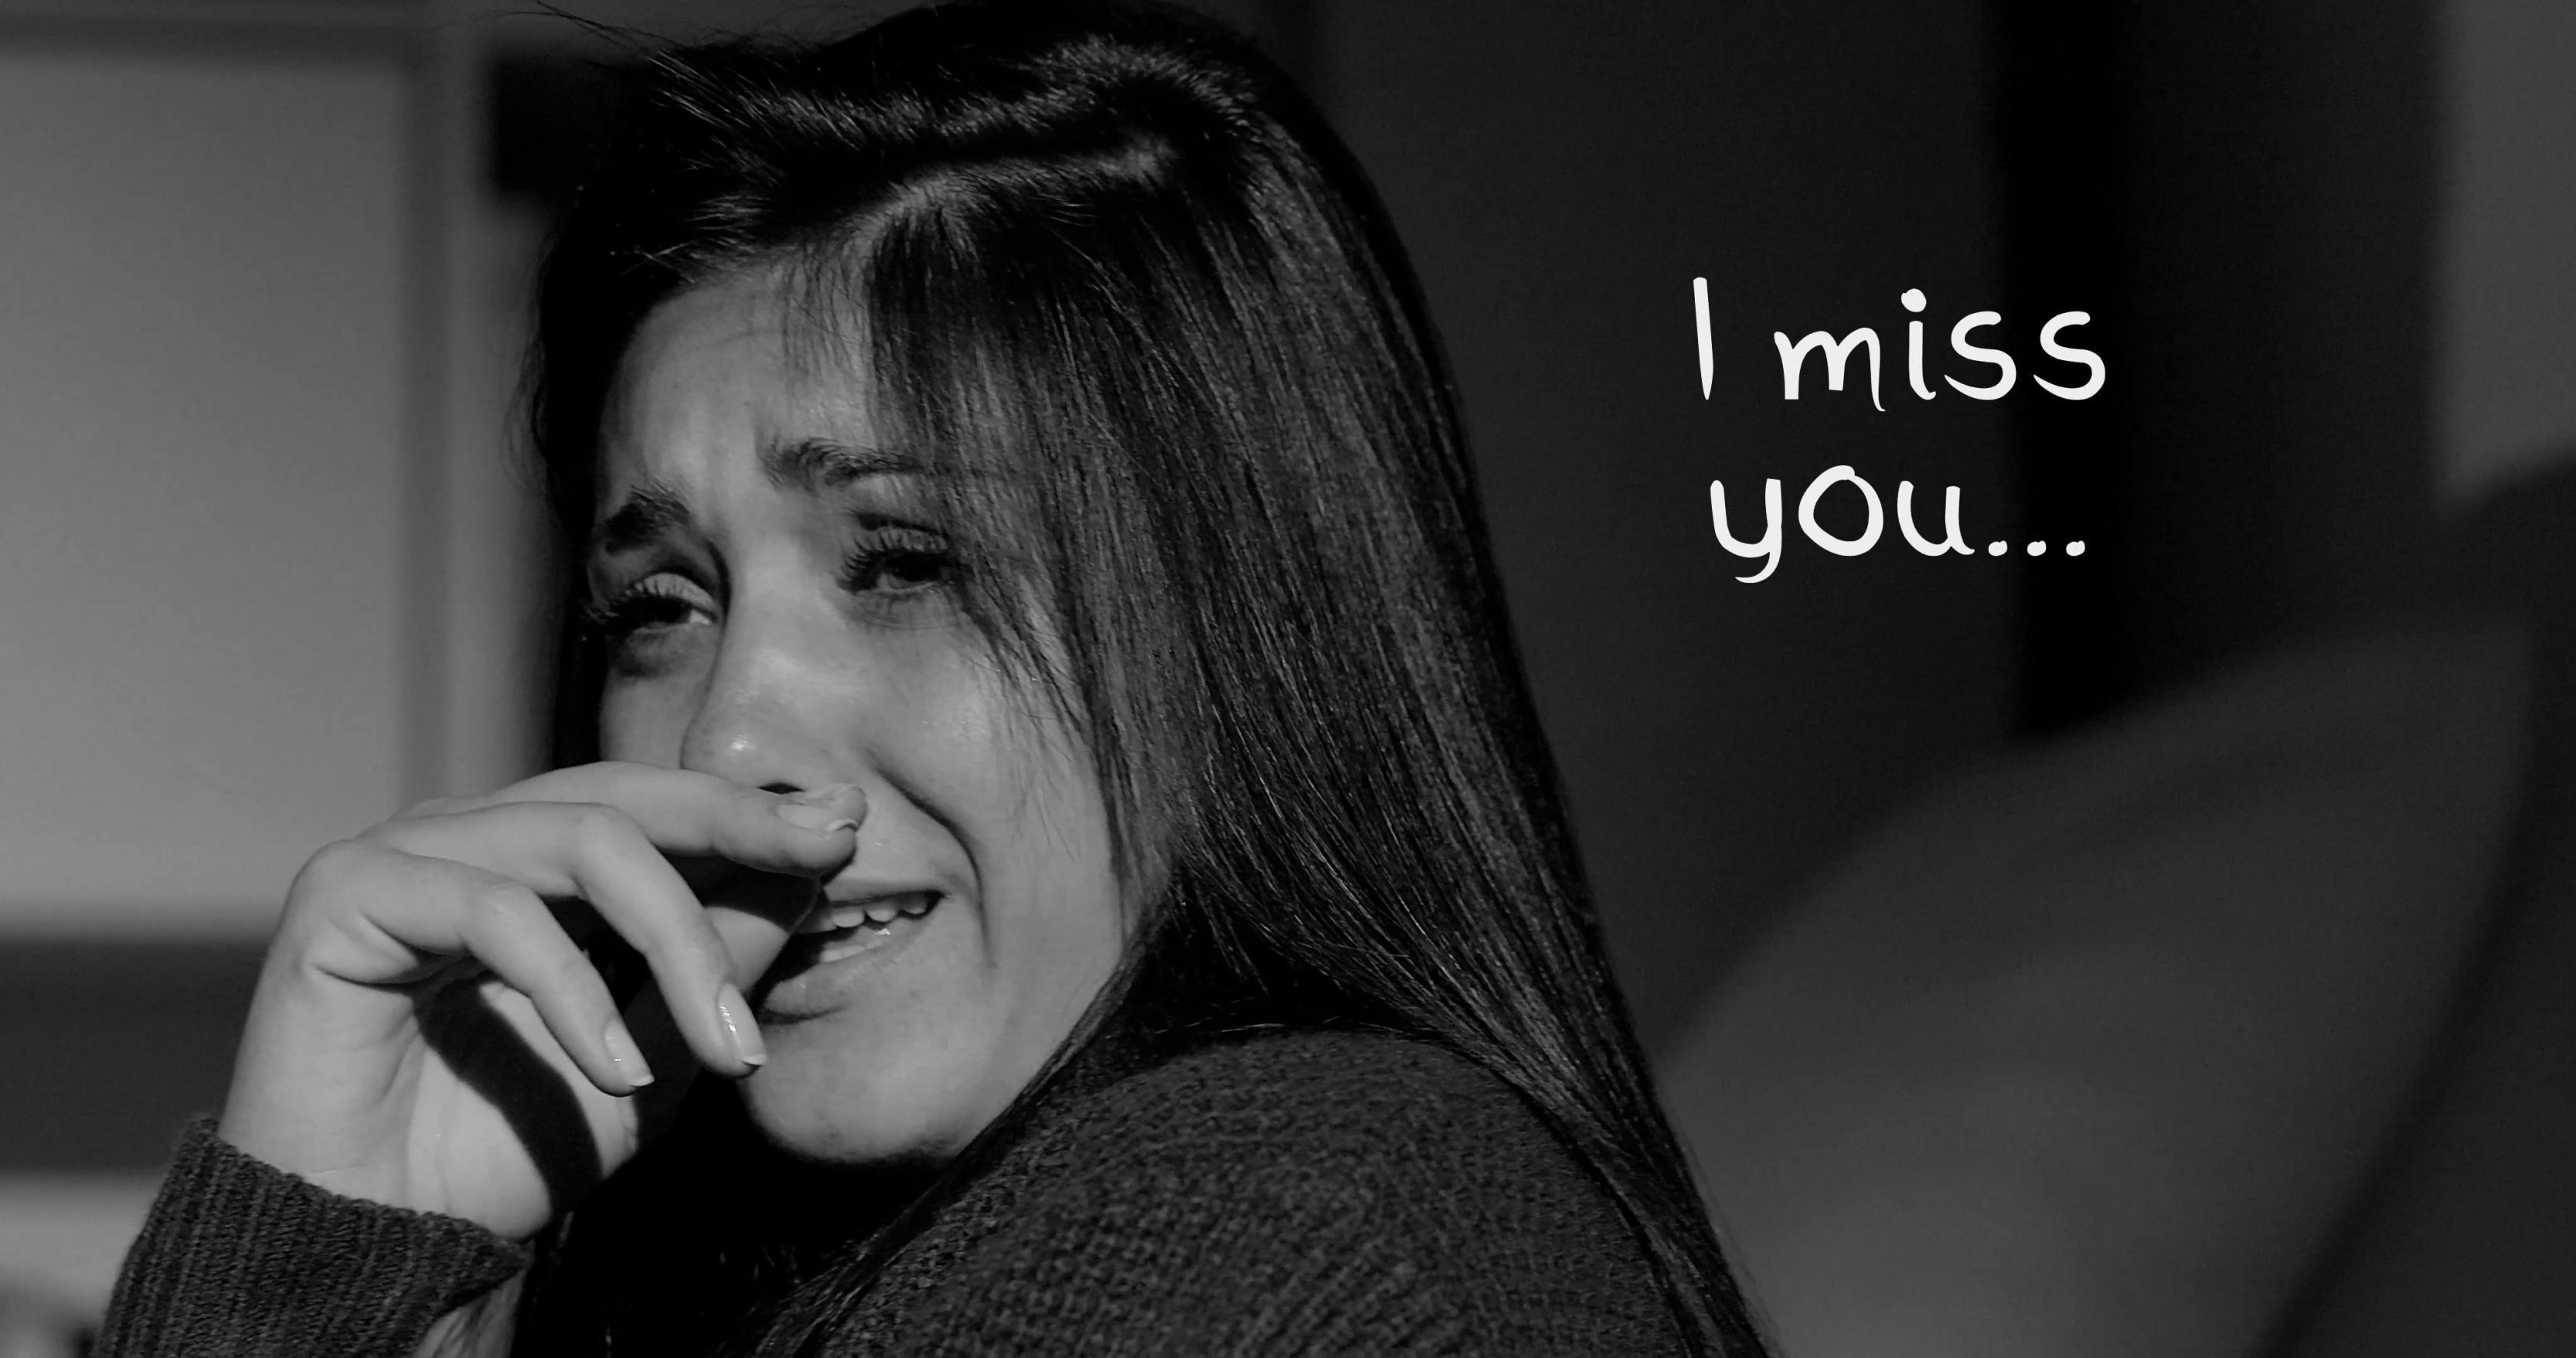 صوره اجمل الصور الحزينة جدا , شاهد بالصور الوجع والالم